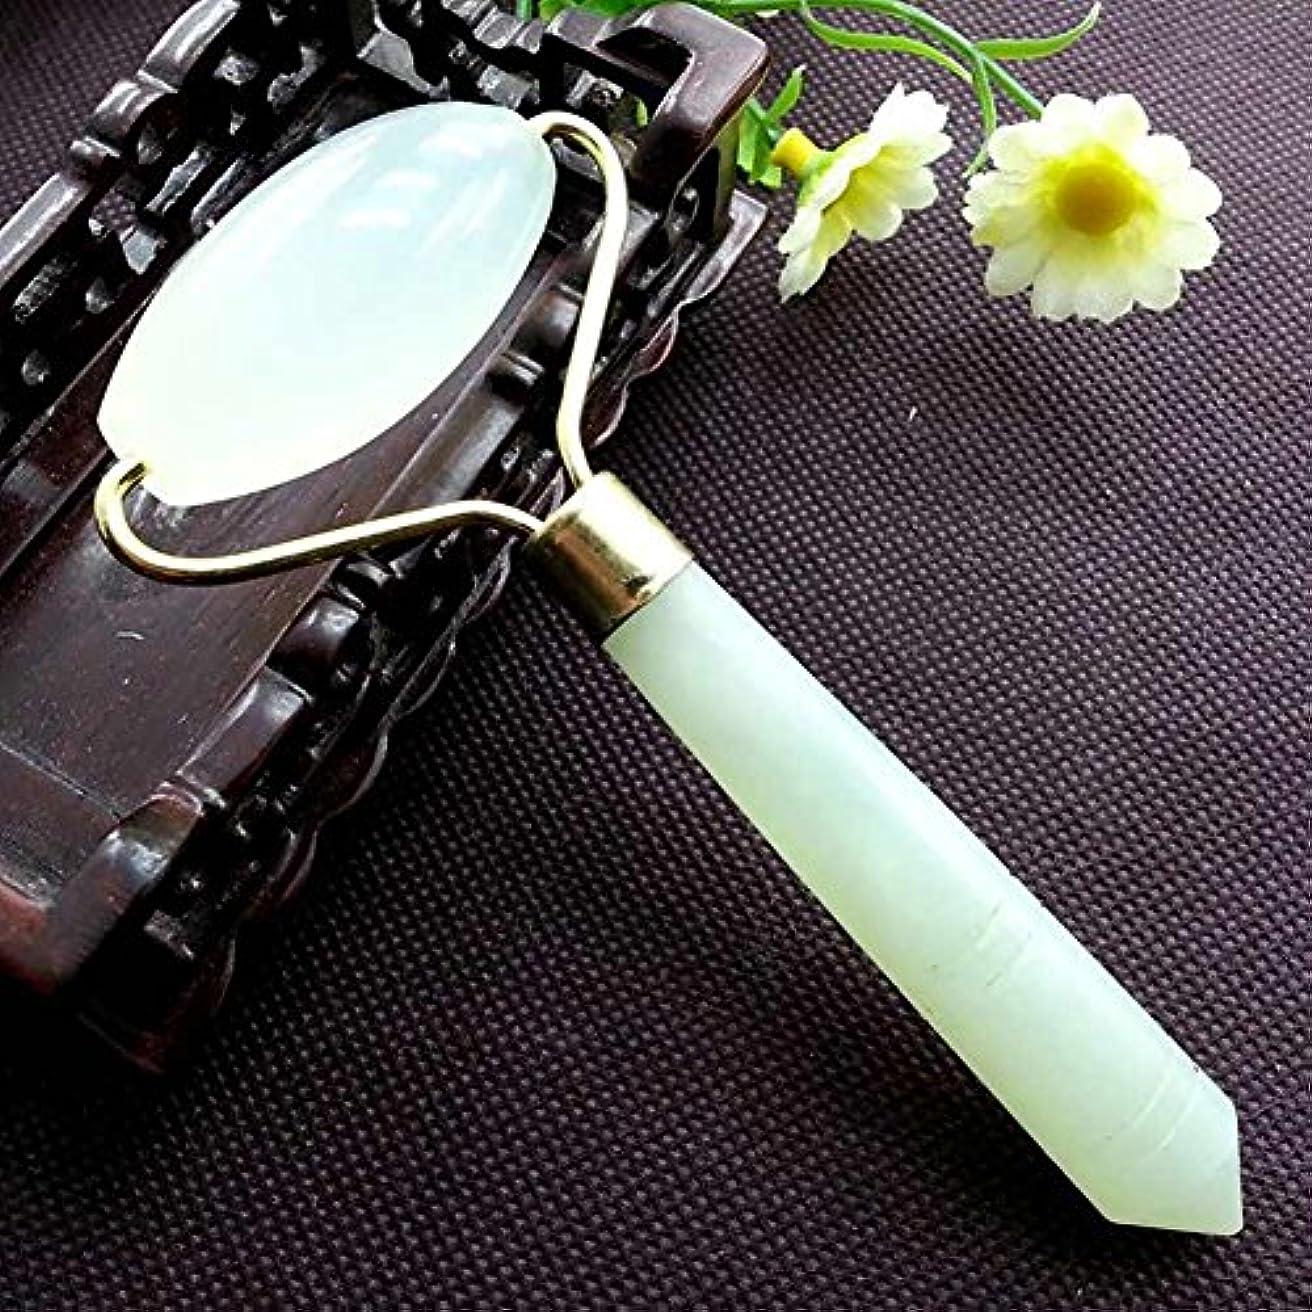 かかわらず鏡傘TINYPONY 玉マッサージローラー ポータブル フェイス美容ツール 美顔器 フェイスケア 美顔マッサージローラー  天然石